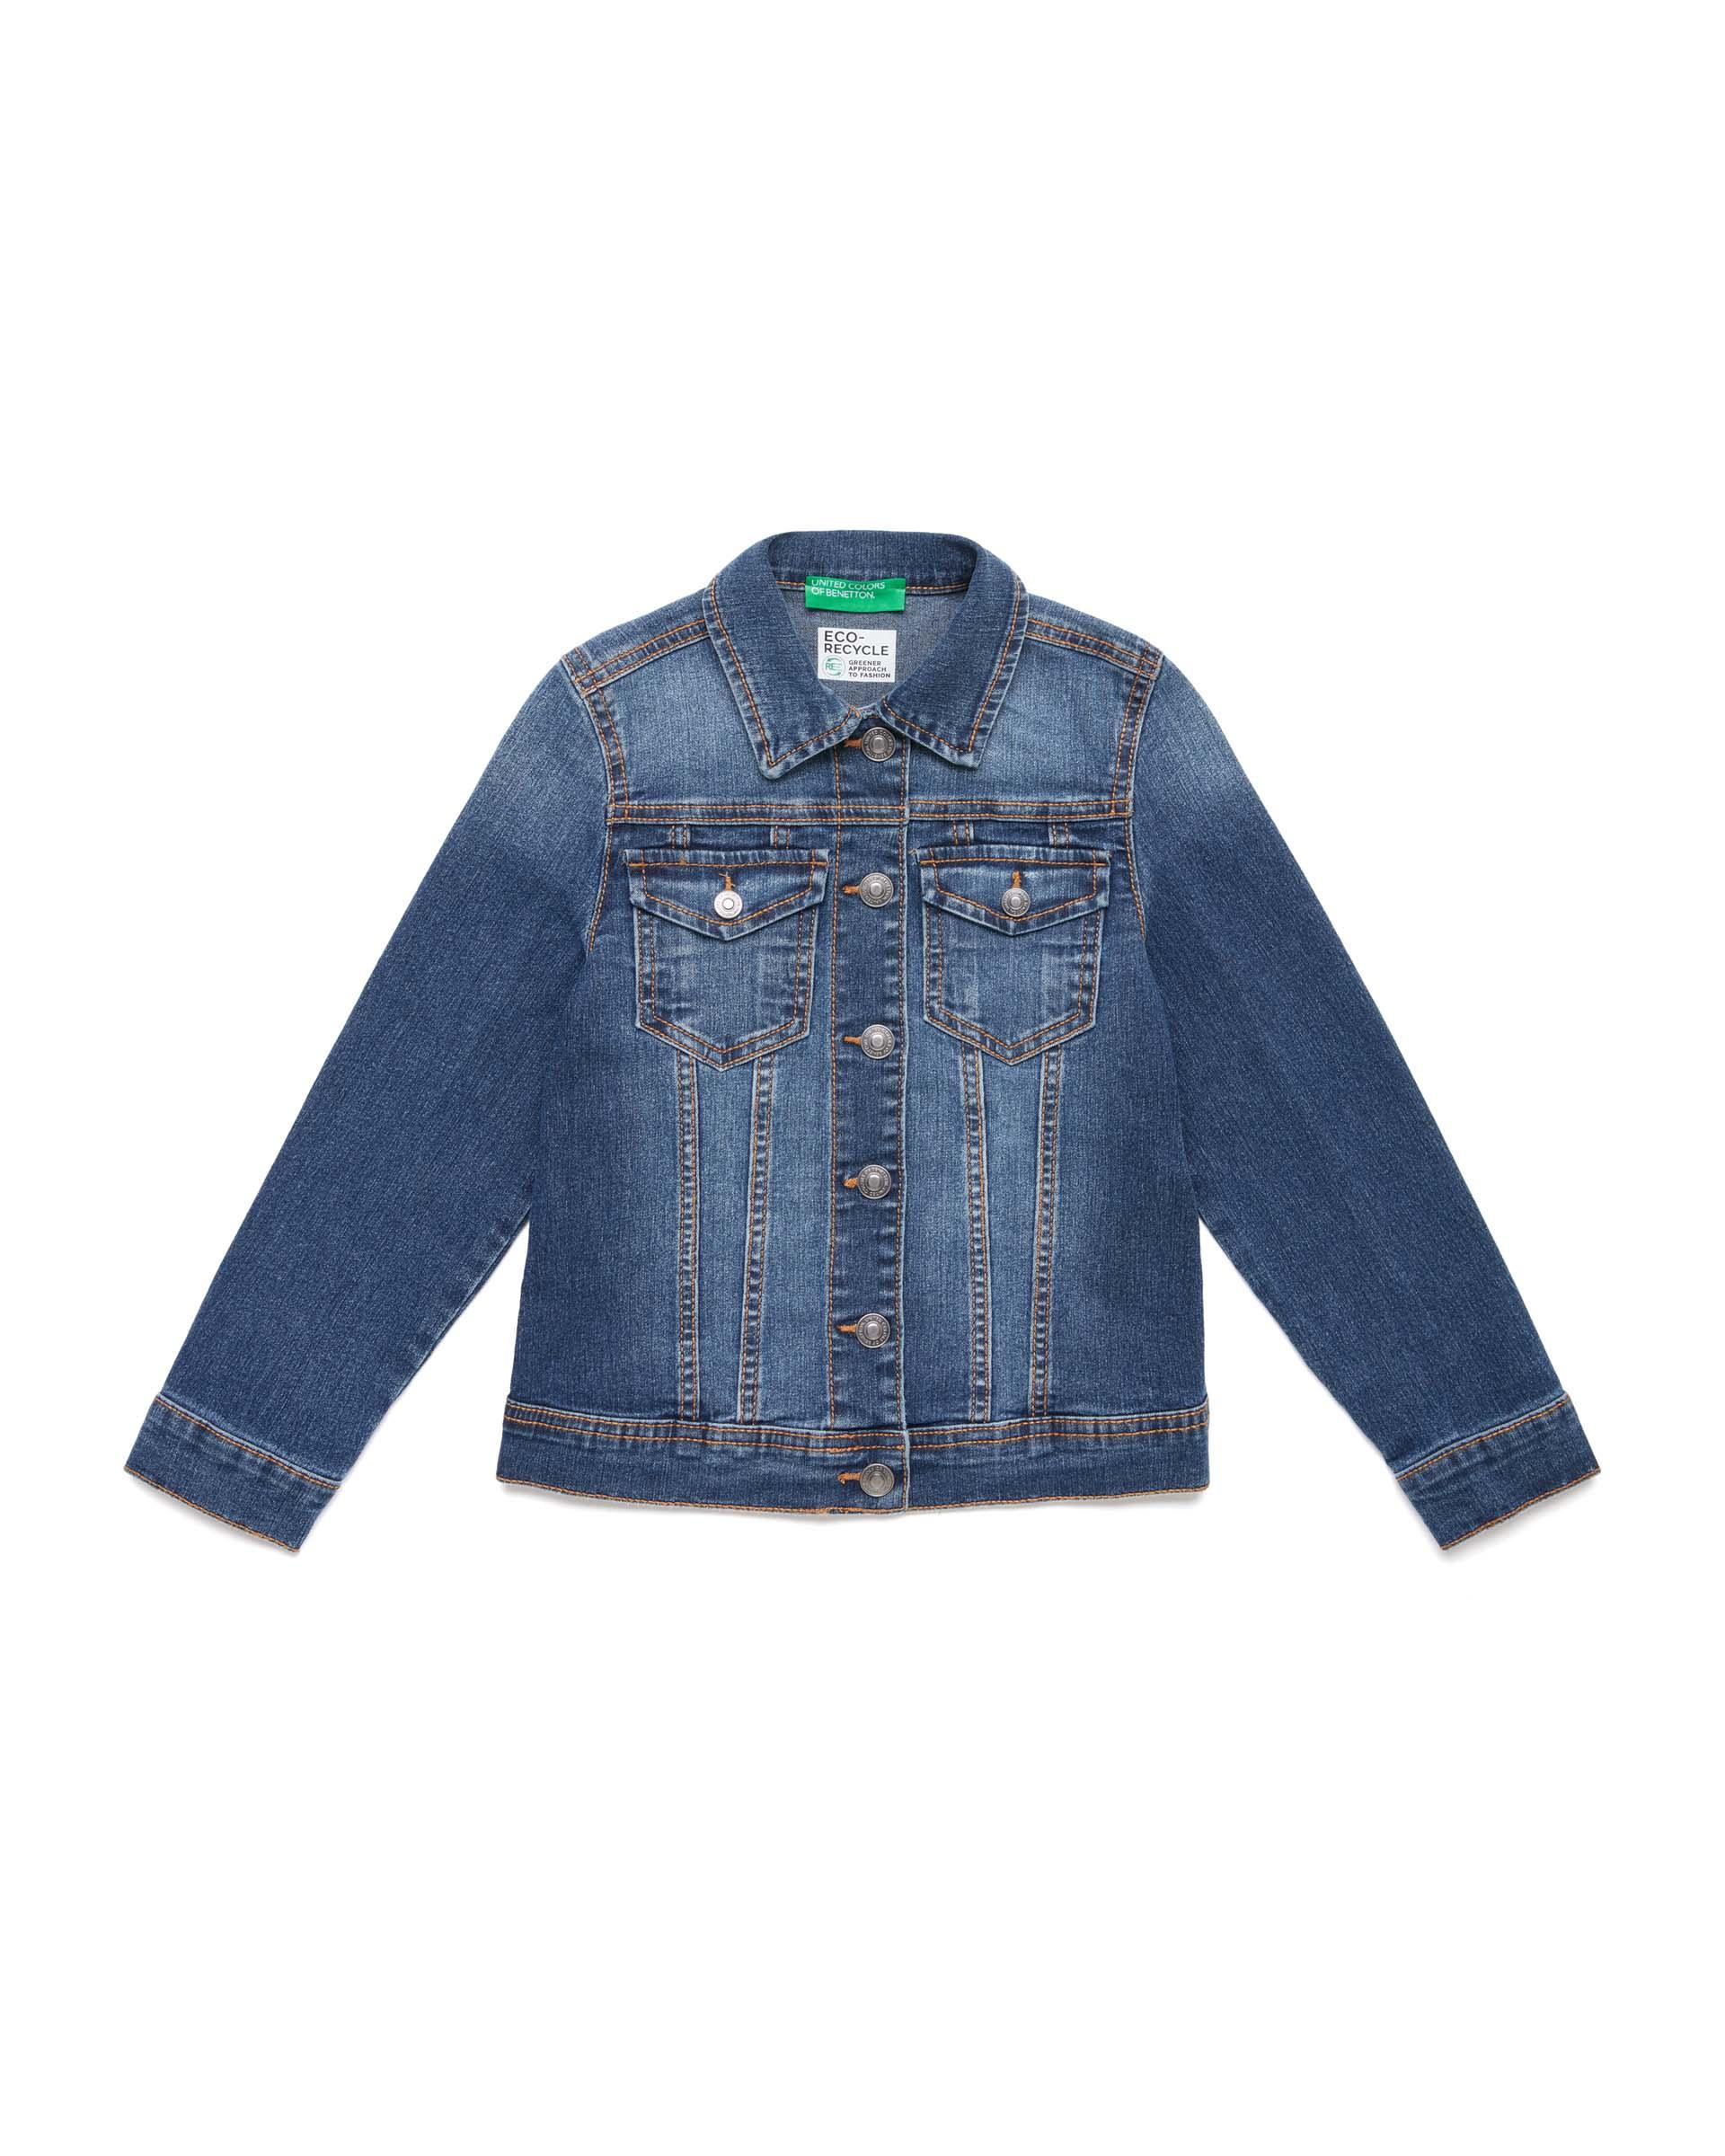 Купить 20P_2XA253HK0_901, Джинсовая куртка для девочек Benetton 2XA253HK0_901 р-р 104, United Colors of Benetton, Куртки для девочек